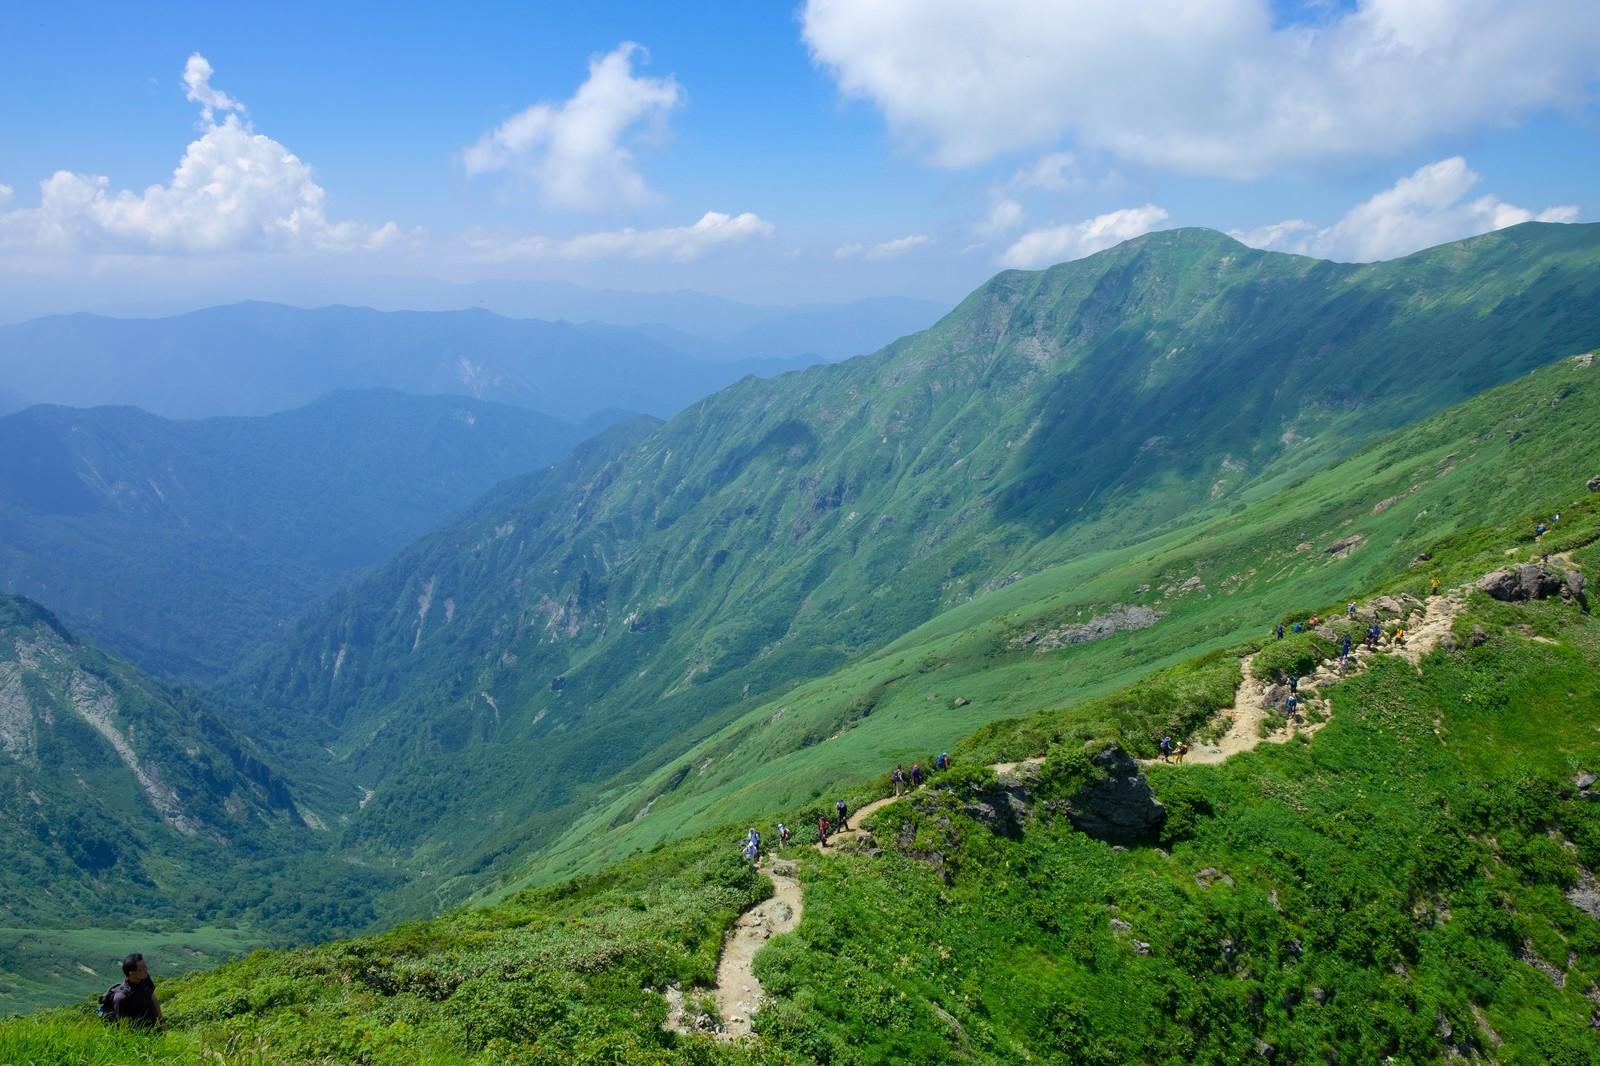 「山登りを楽しむ登山者達」の写真